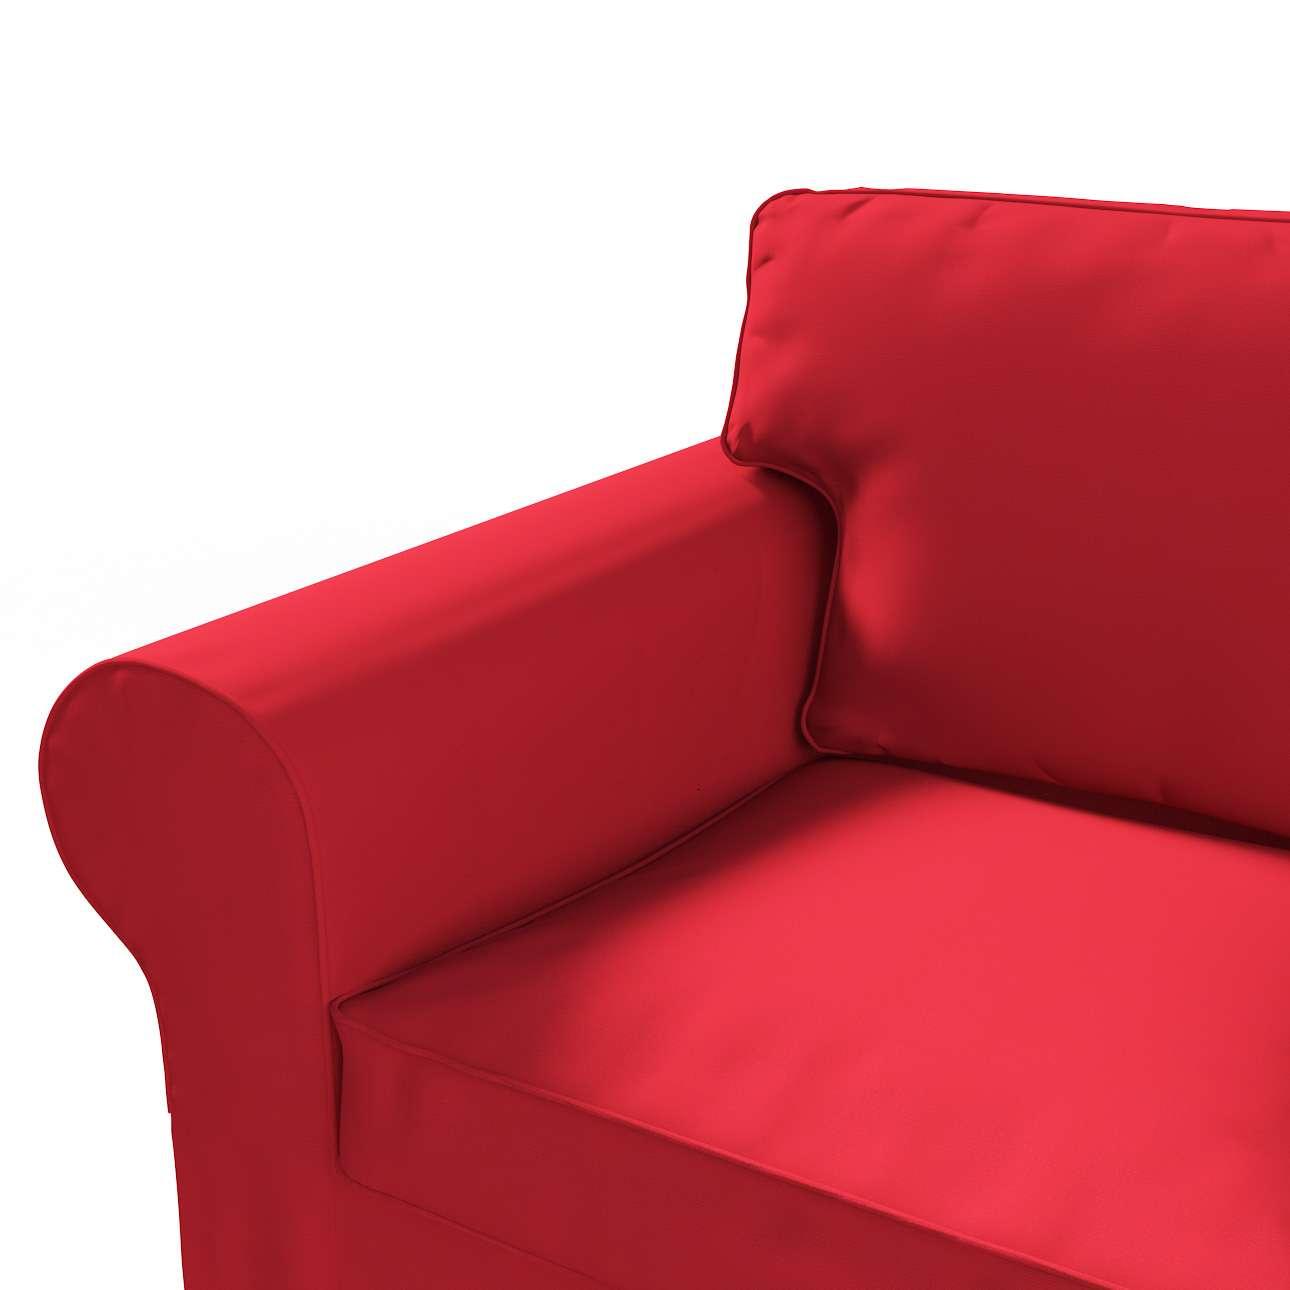 Pokrowiec na sofę Ektorp 2-osobową rozkładana NOWY MODEL 2012 sofa ektorp 2-osobowa rozkładana NOWY MODEL w kolekcji Cotton Panama, tkanina: 702-04